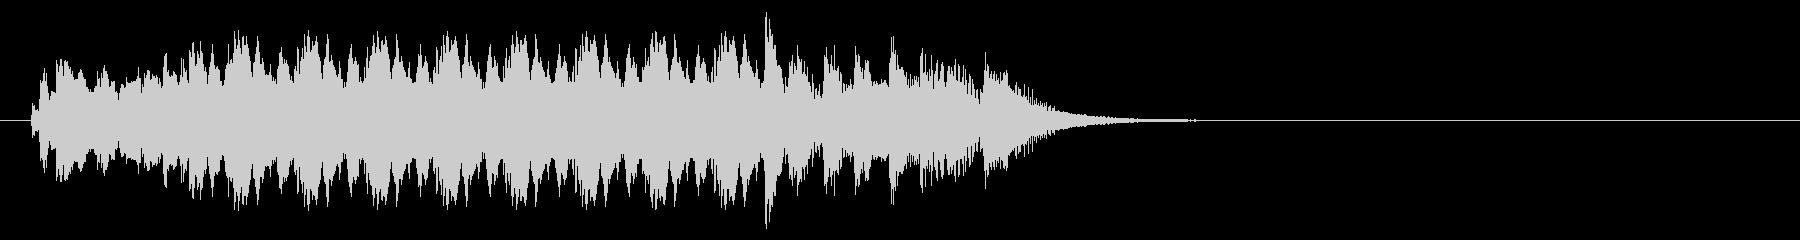 和風 琴 フレーズ2の未再生の波形